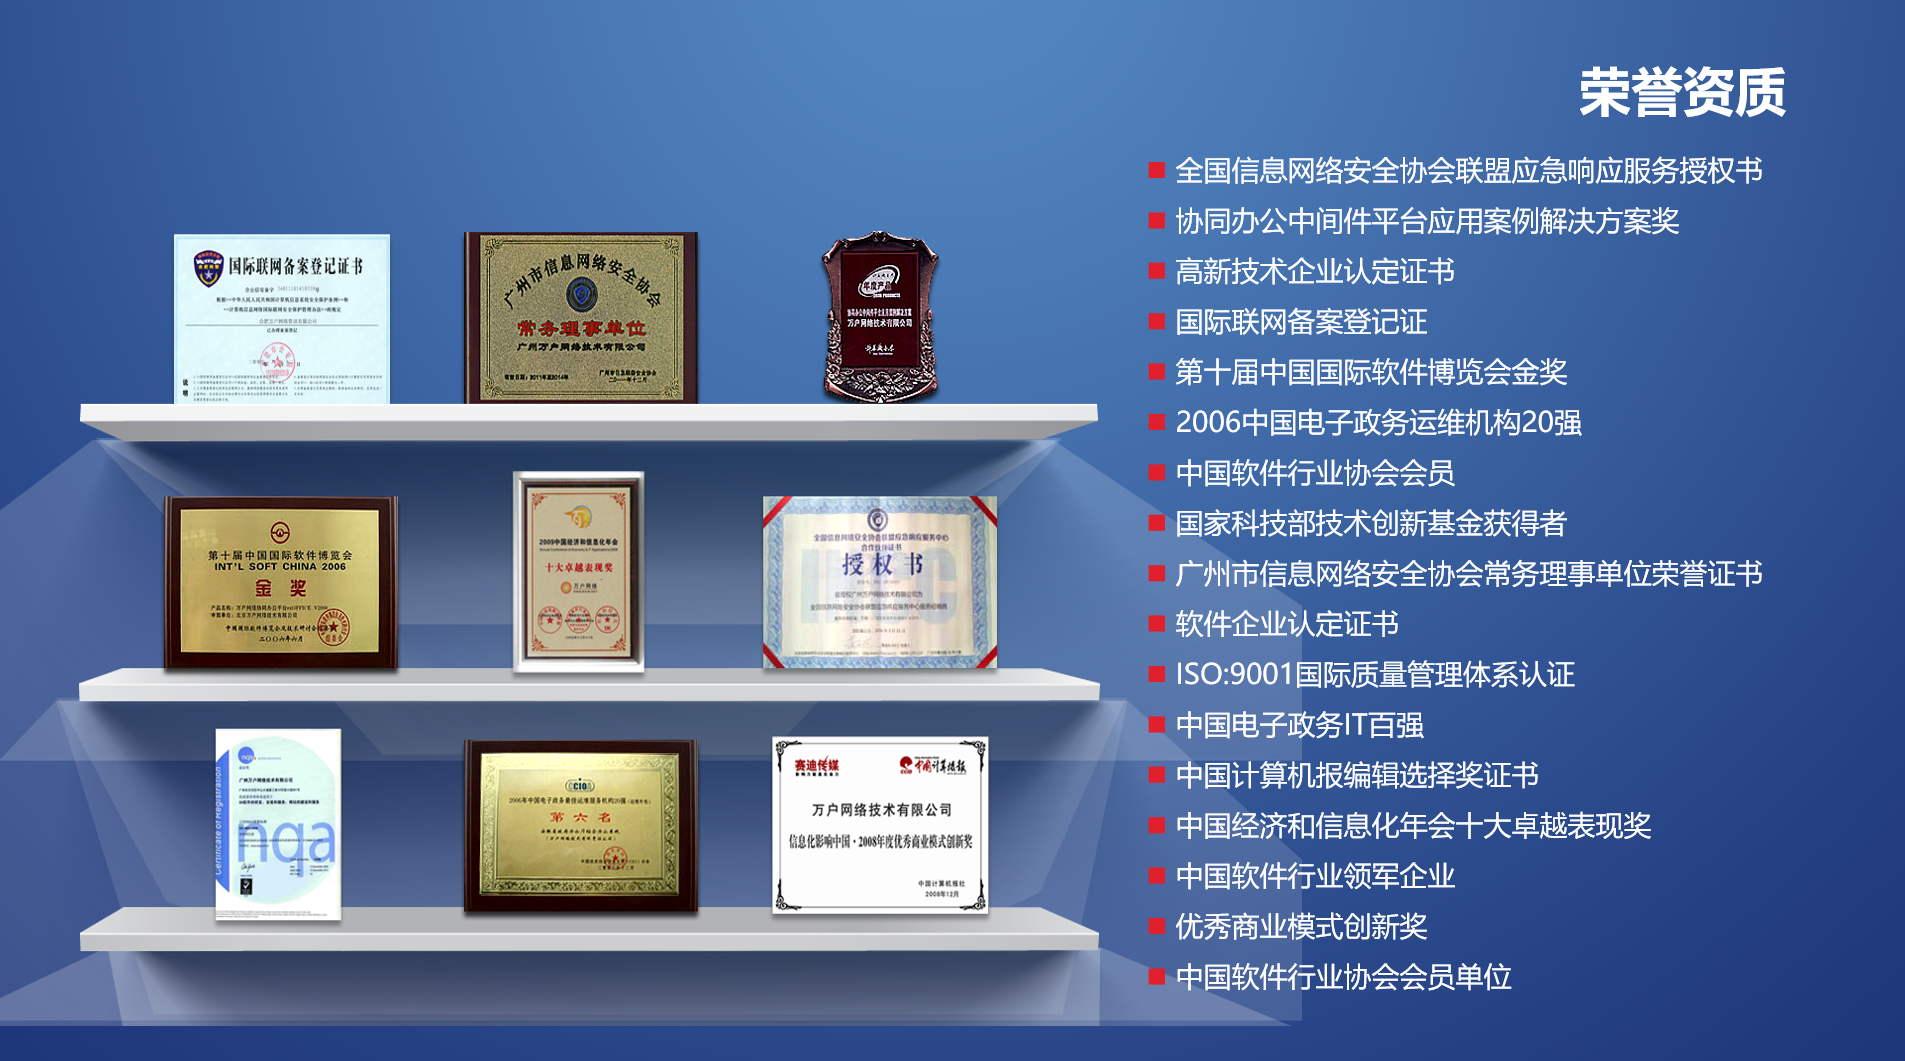 网站UI设计公司企业官网营销型网站建设前端后端开发网页定制